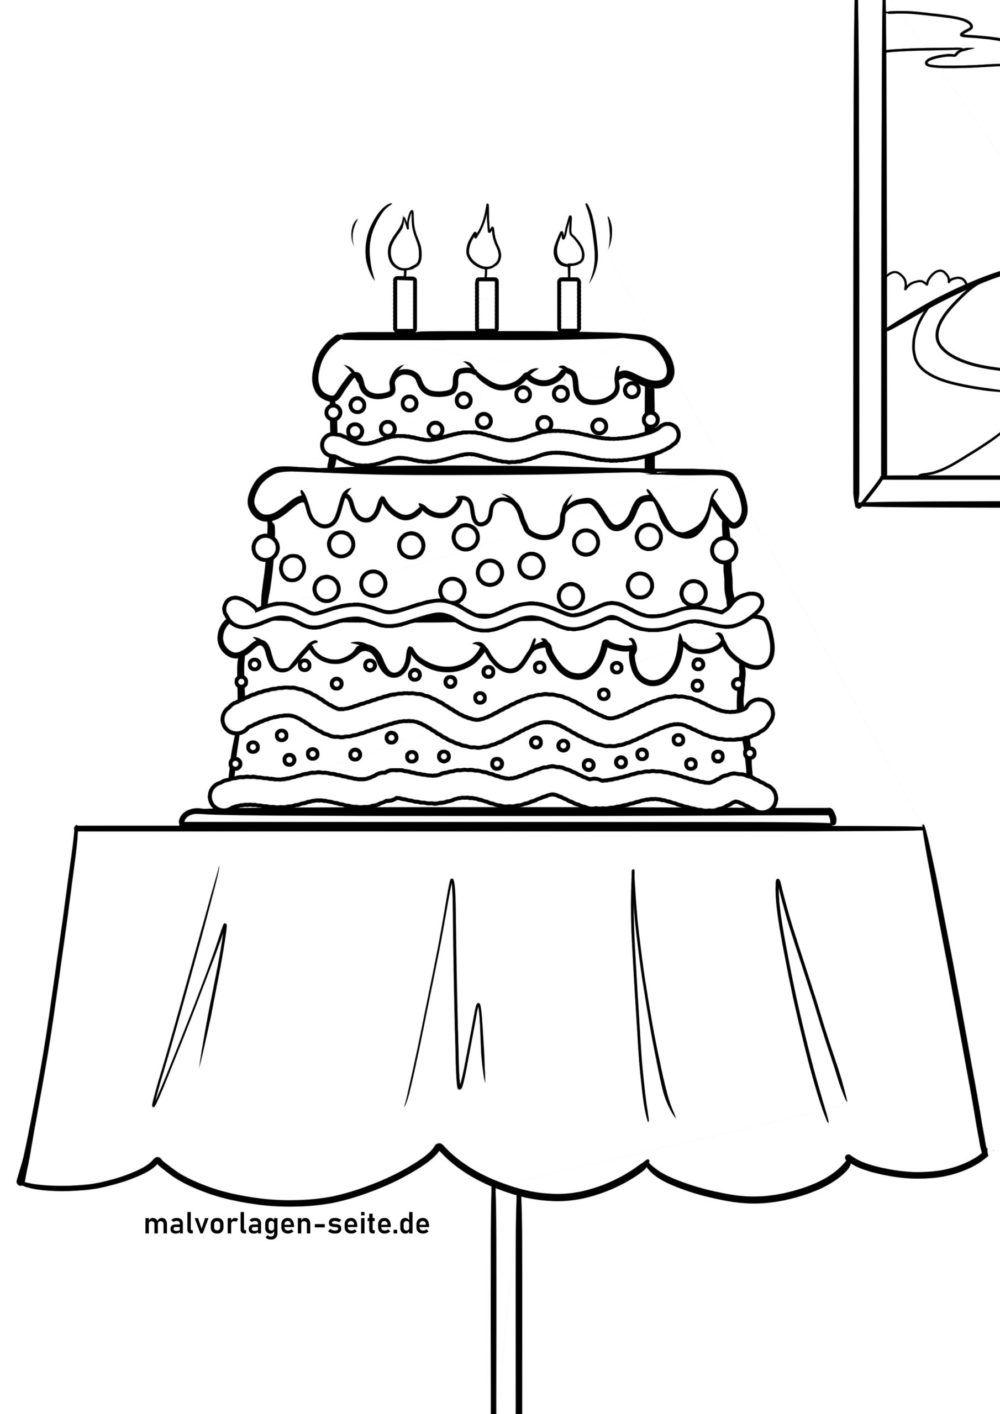 Размалёўка торта